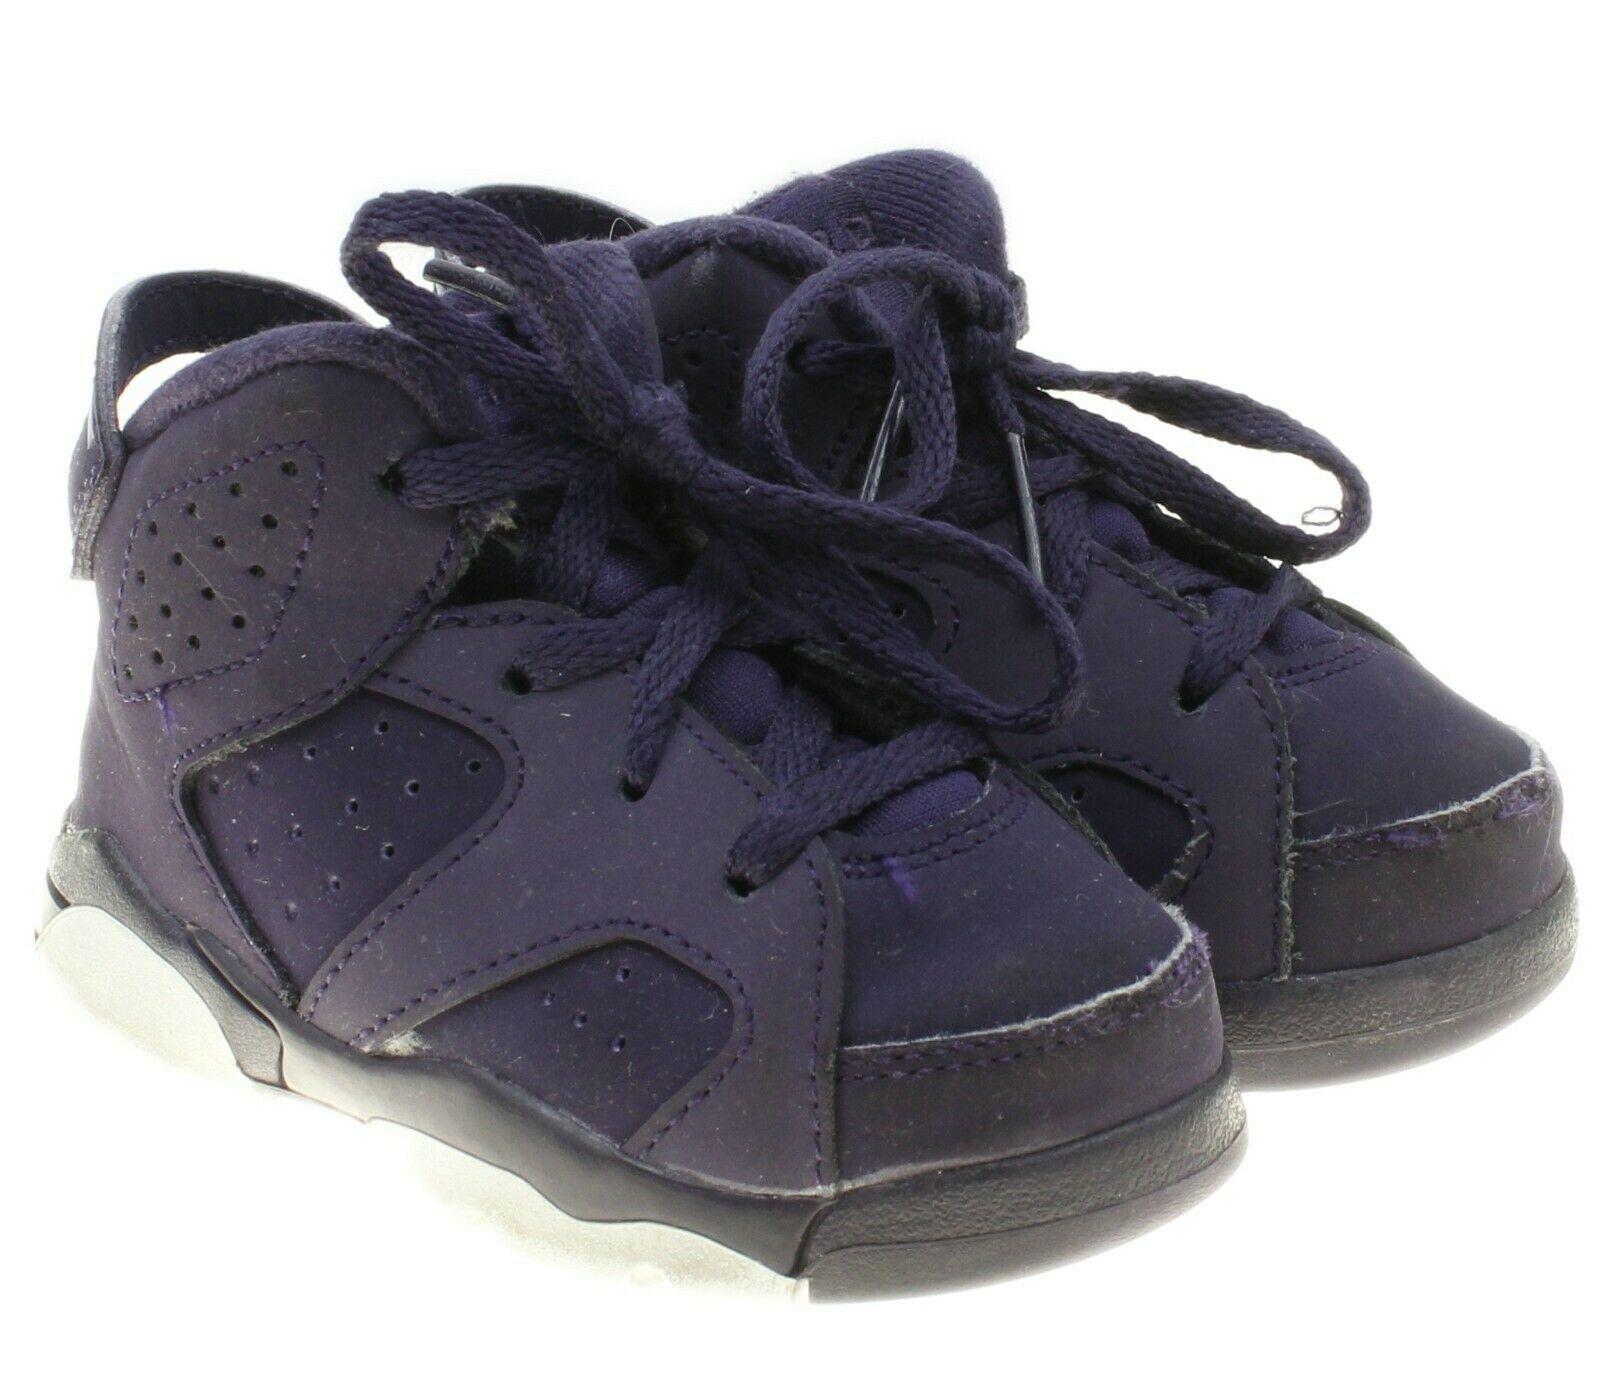 744587bda459cf Nike Air Jordan Toddler Purple Dynasty Retro 6 Toddler Sneakers 6C  645127-509 -  29.69